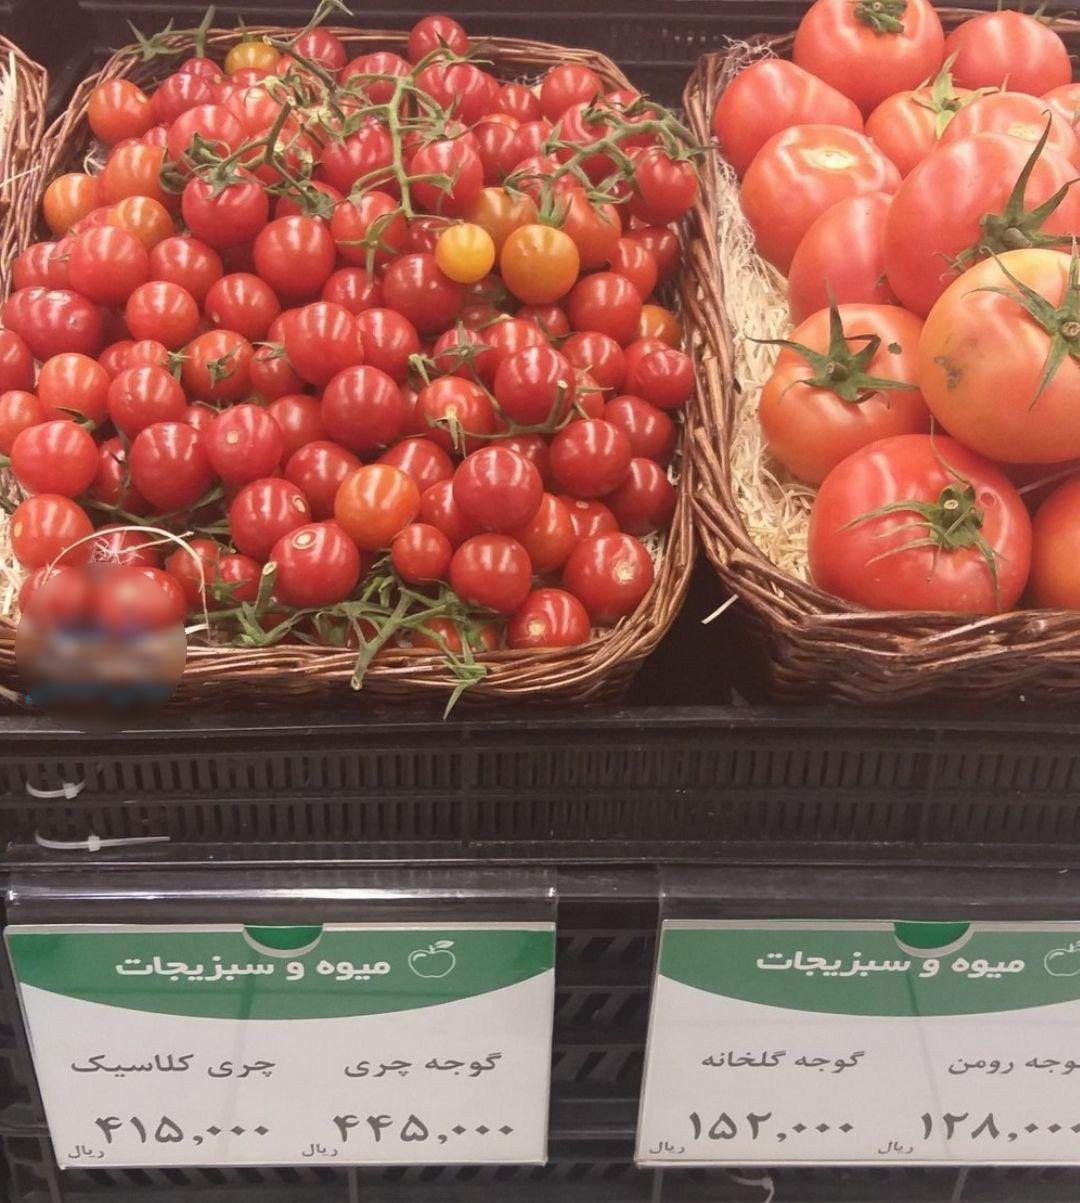 قیمت نجومی گوجه فرنگی در برخی فروشگاههای لاکچری+عکس